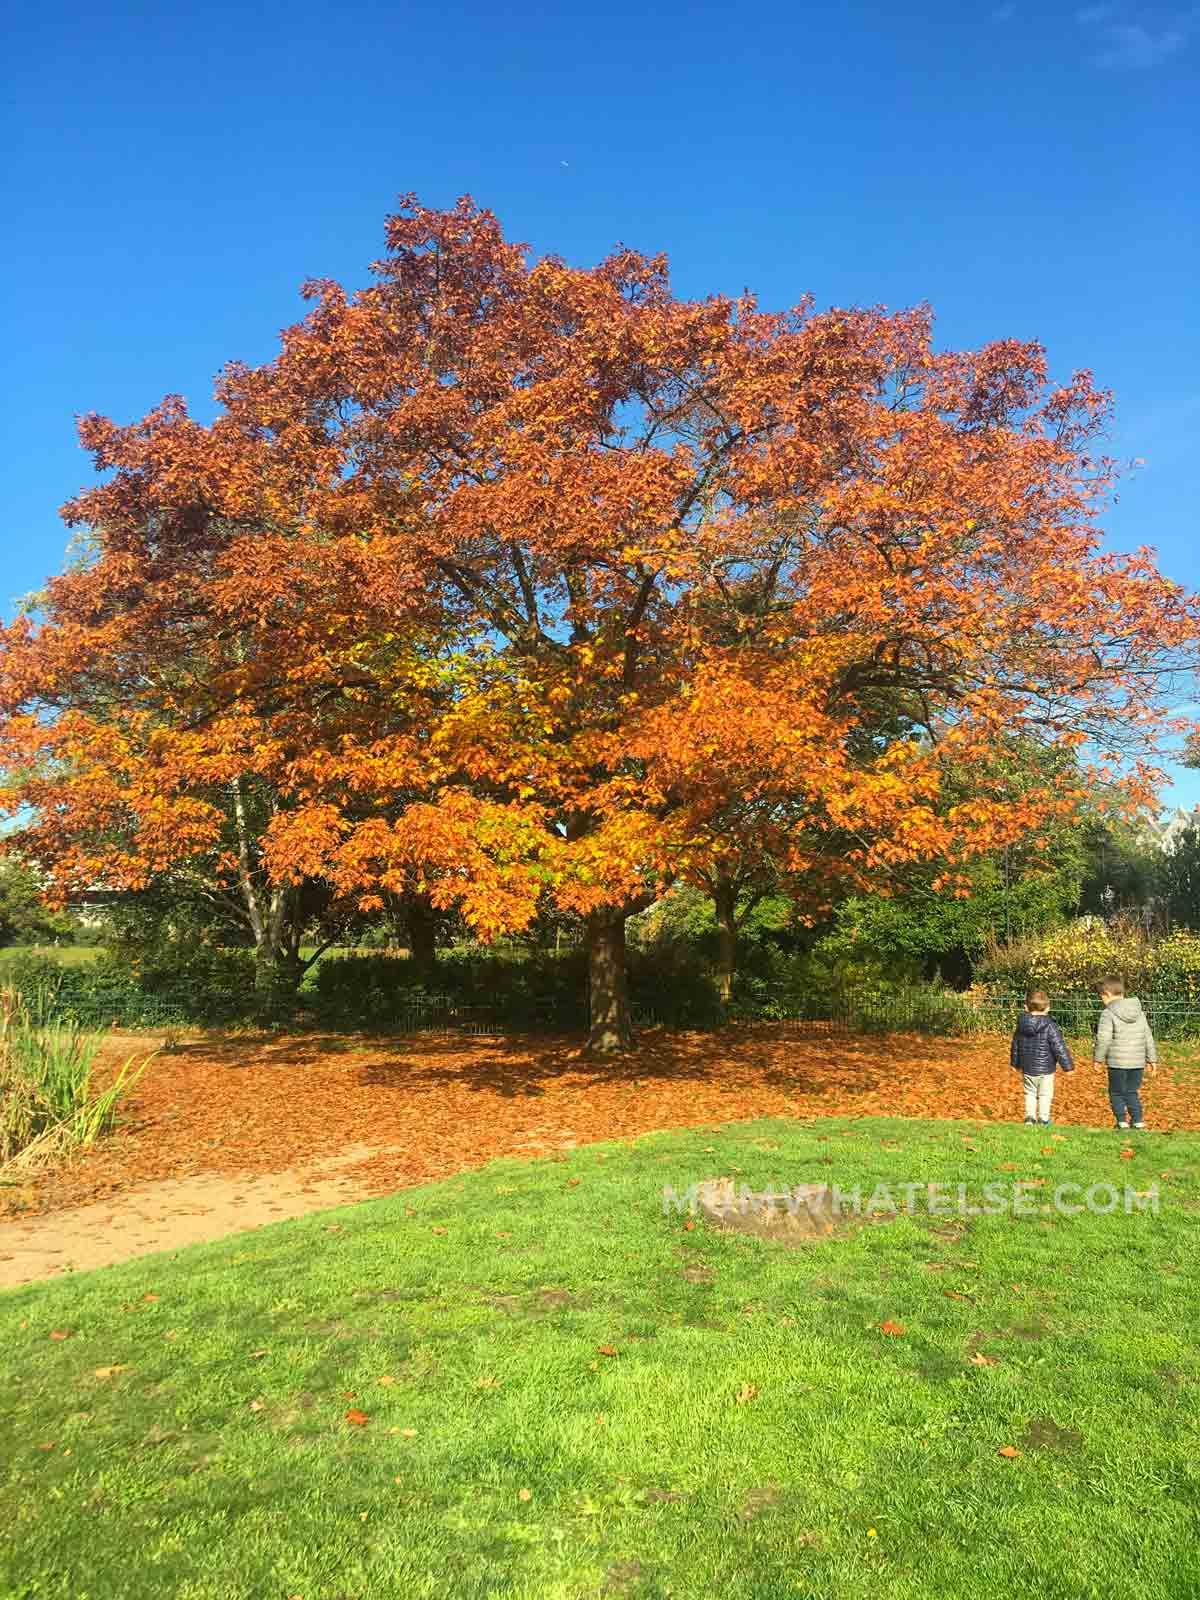 un albero con le foglie arancioni e due bimbi lì vicino